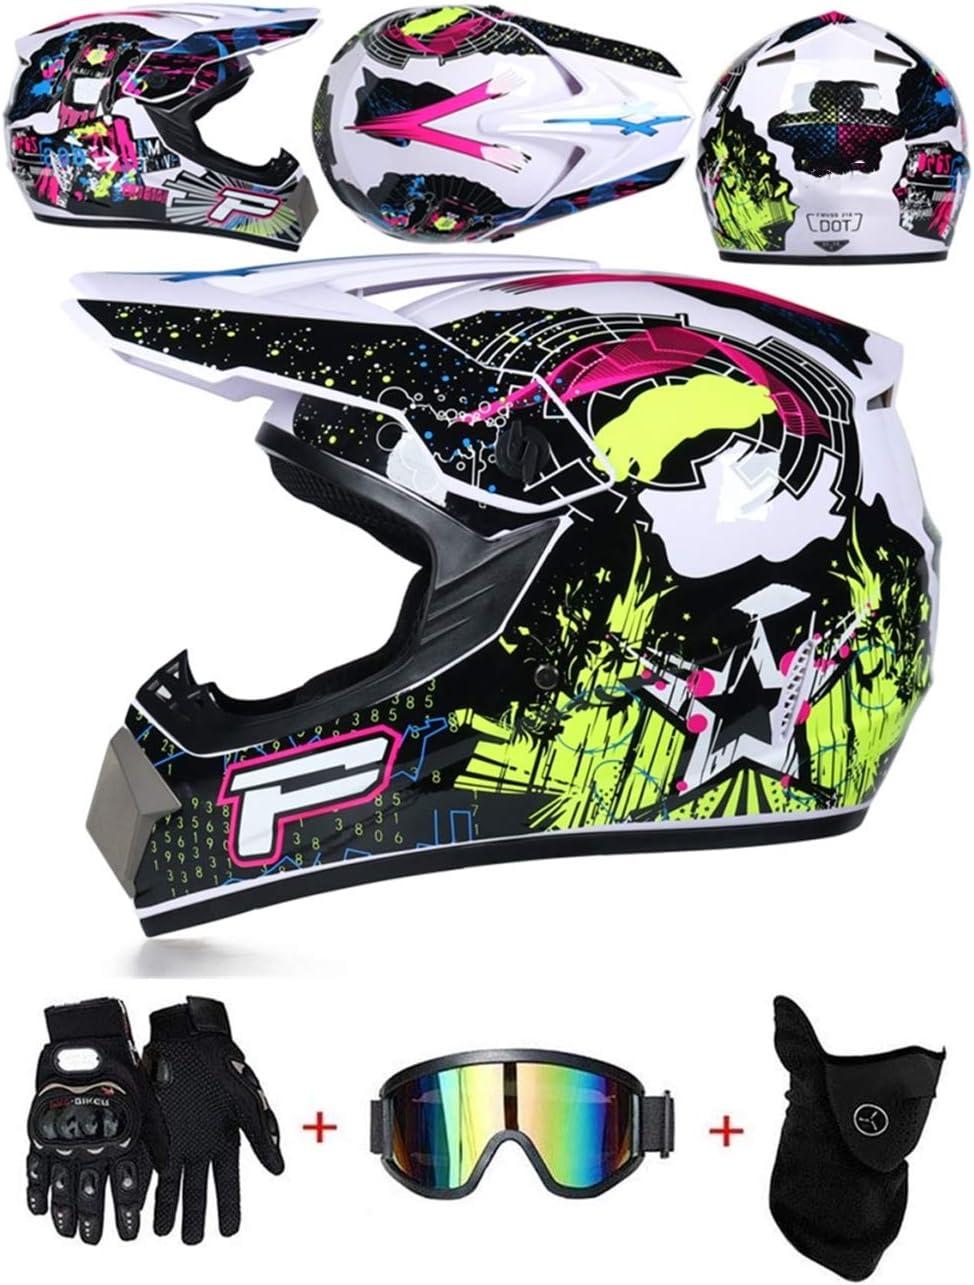 LZSH Casco de motocross profesional motocross MX casco de motocross casco de moto casco de moto casco y guantes & máscara gafas de protección, ECE homologado niños quad bike ATV go-kart-helm (E,XL